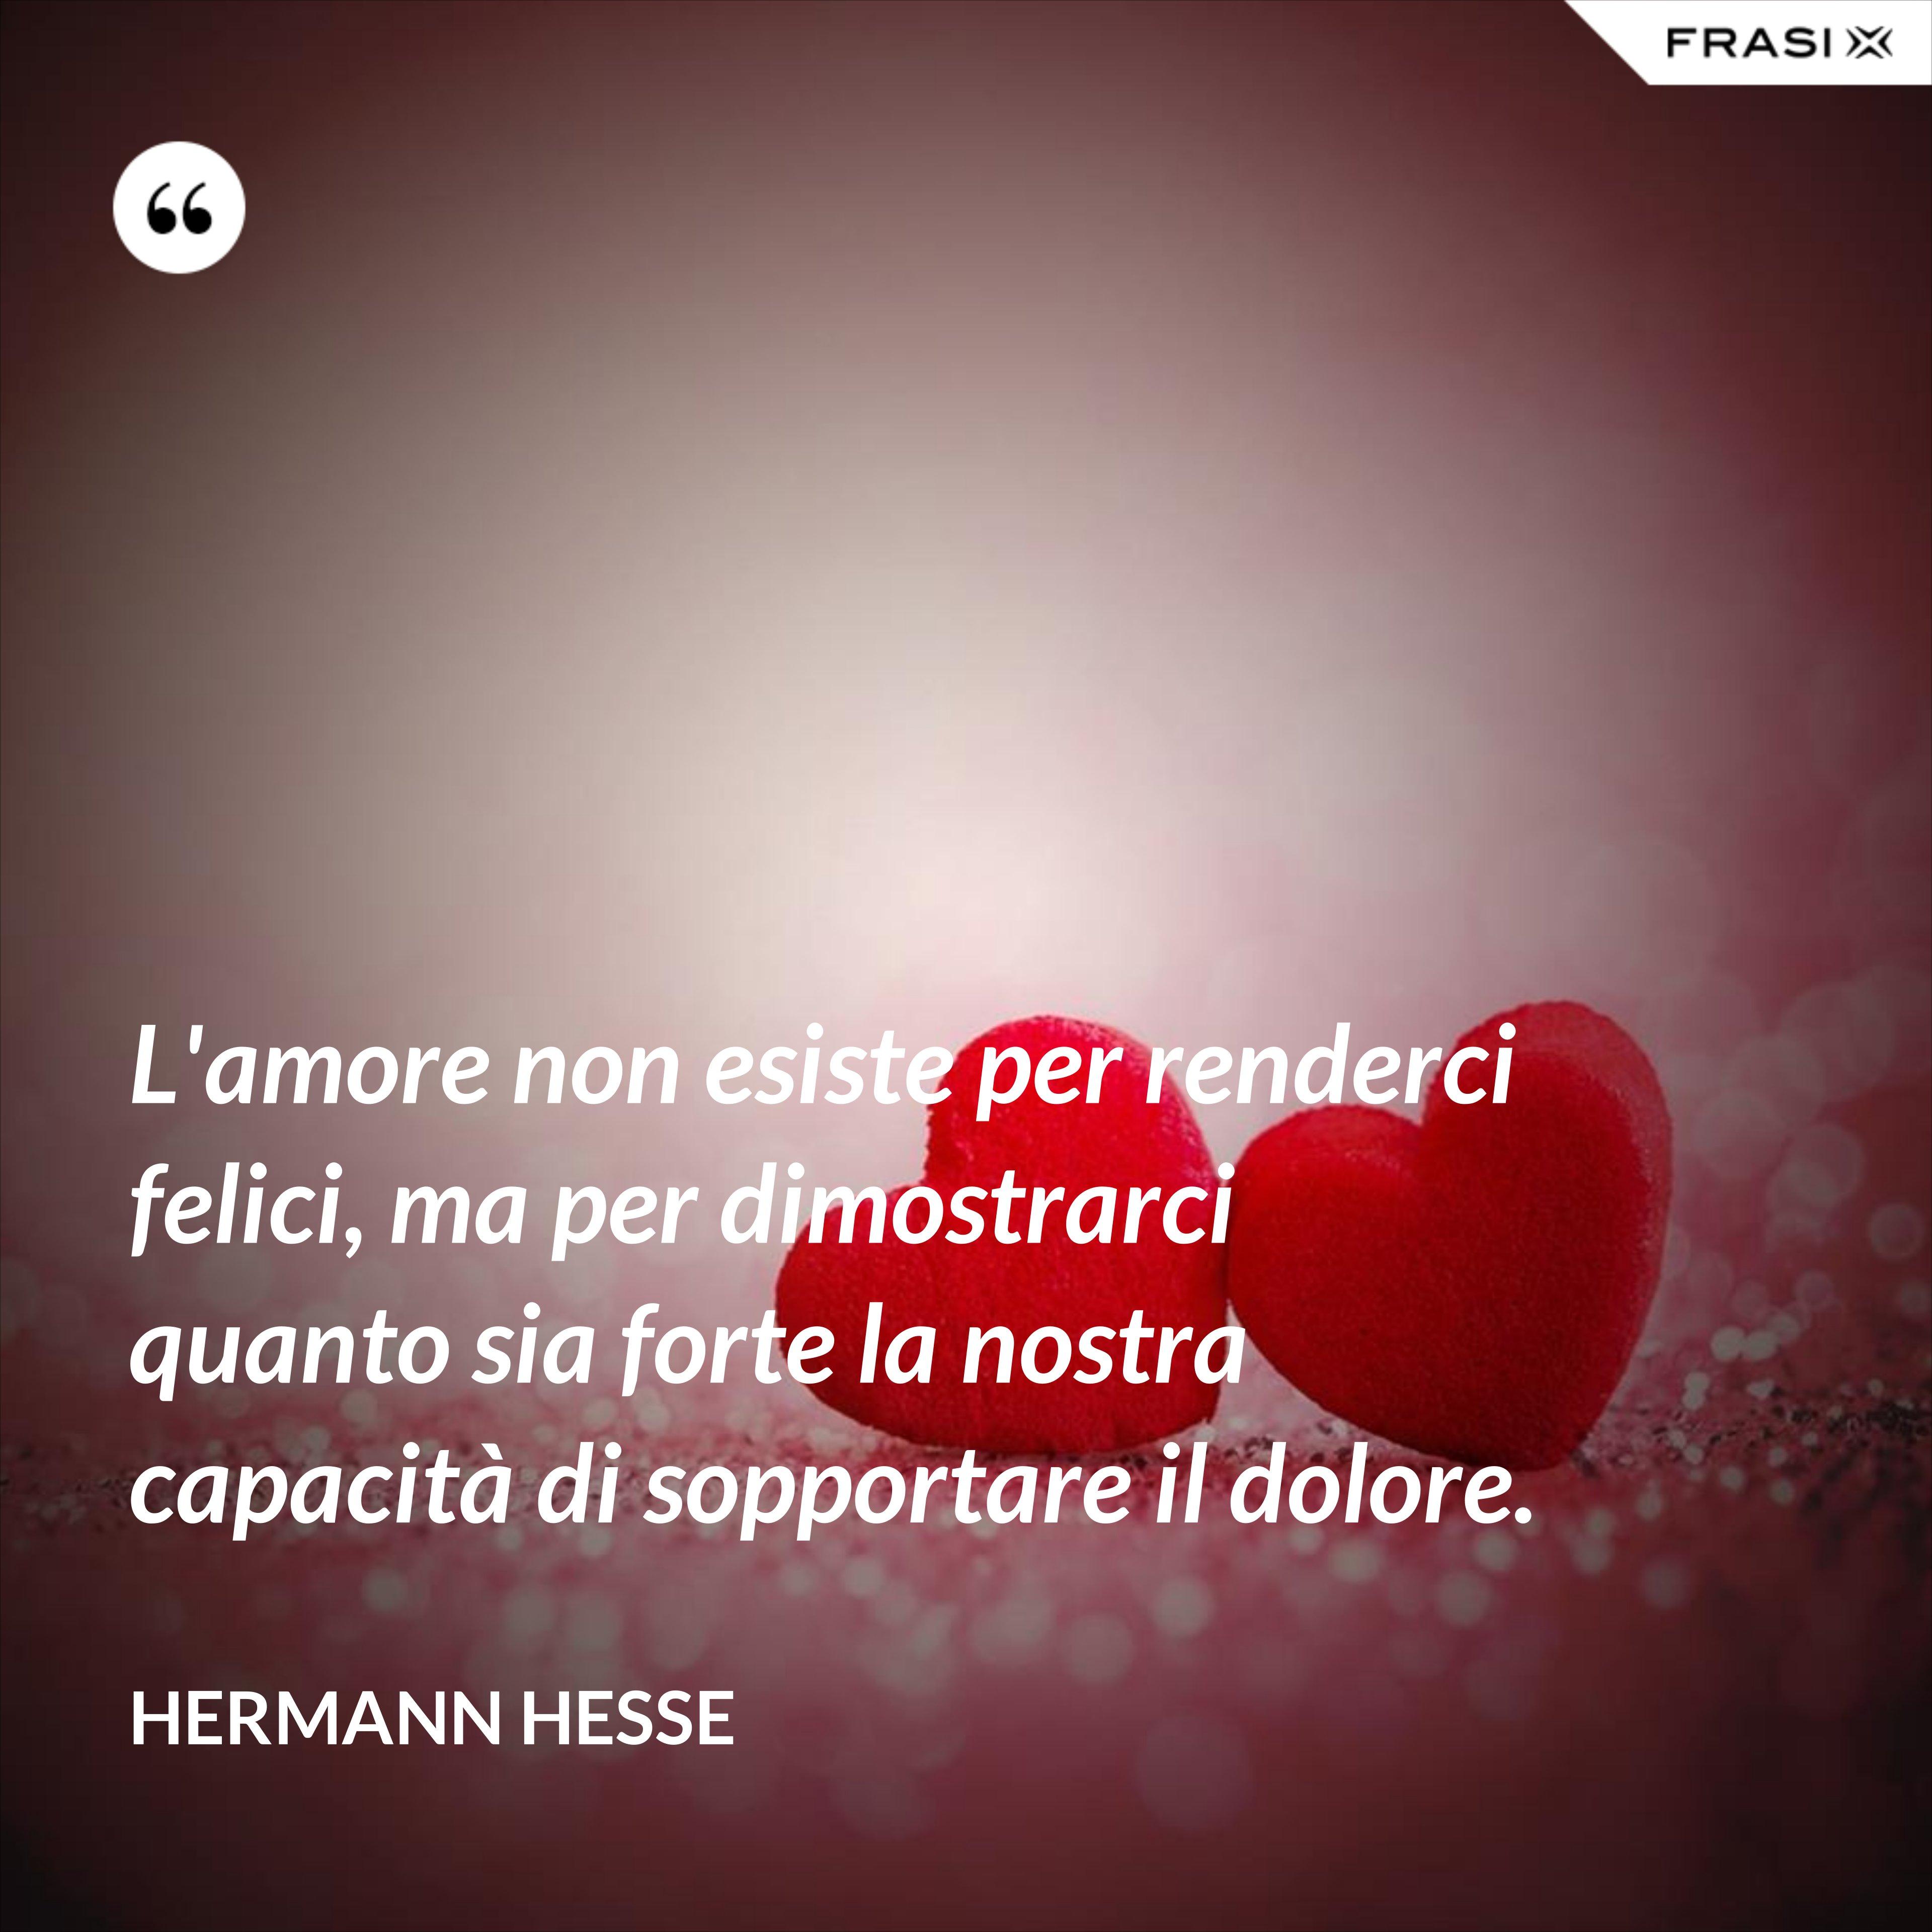 L'amore non esiste per renderci felici, ma per dimostrarci quanto sia forte la nostra capacità di sopportare il dolore. - Hermann Hesse